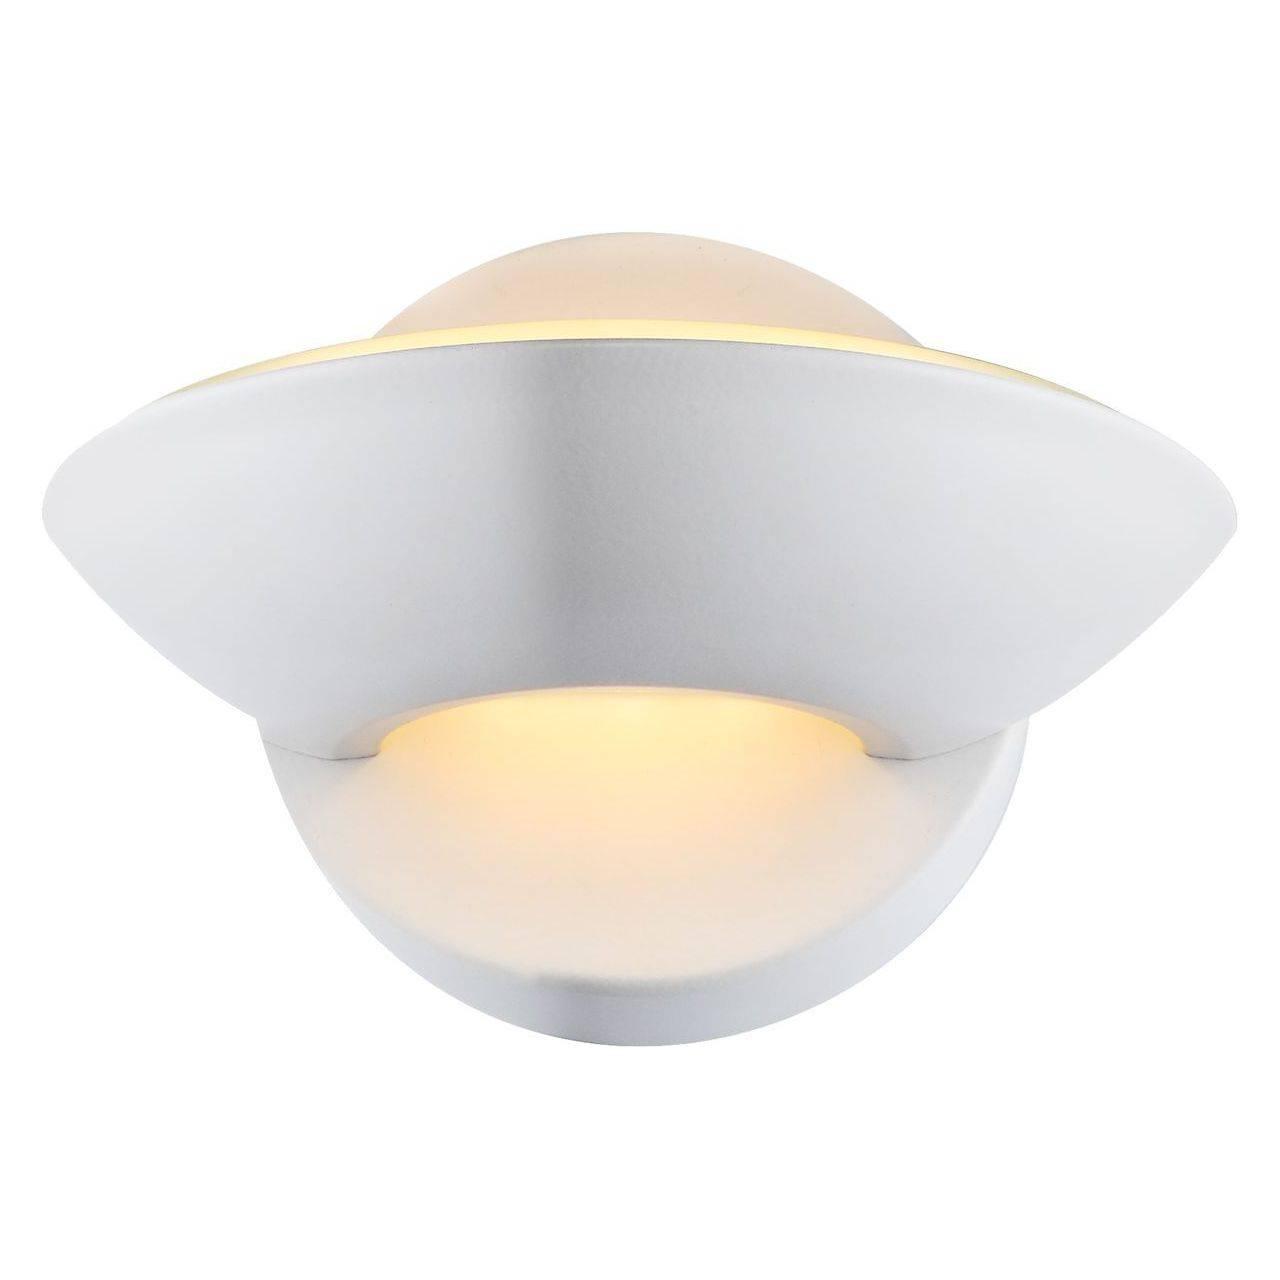 Настенный светодиодный светильник Globo Sammy 76003 настенный светодиодный светильник sammy 76001 globo 1188538